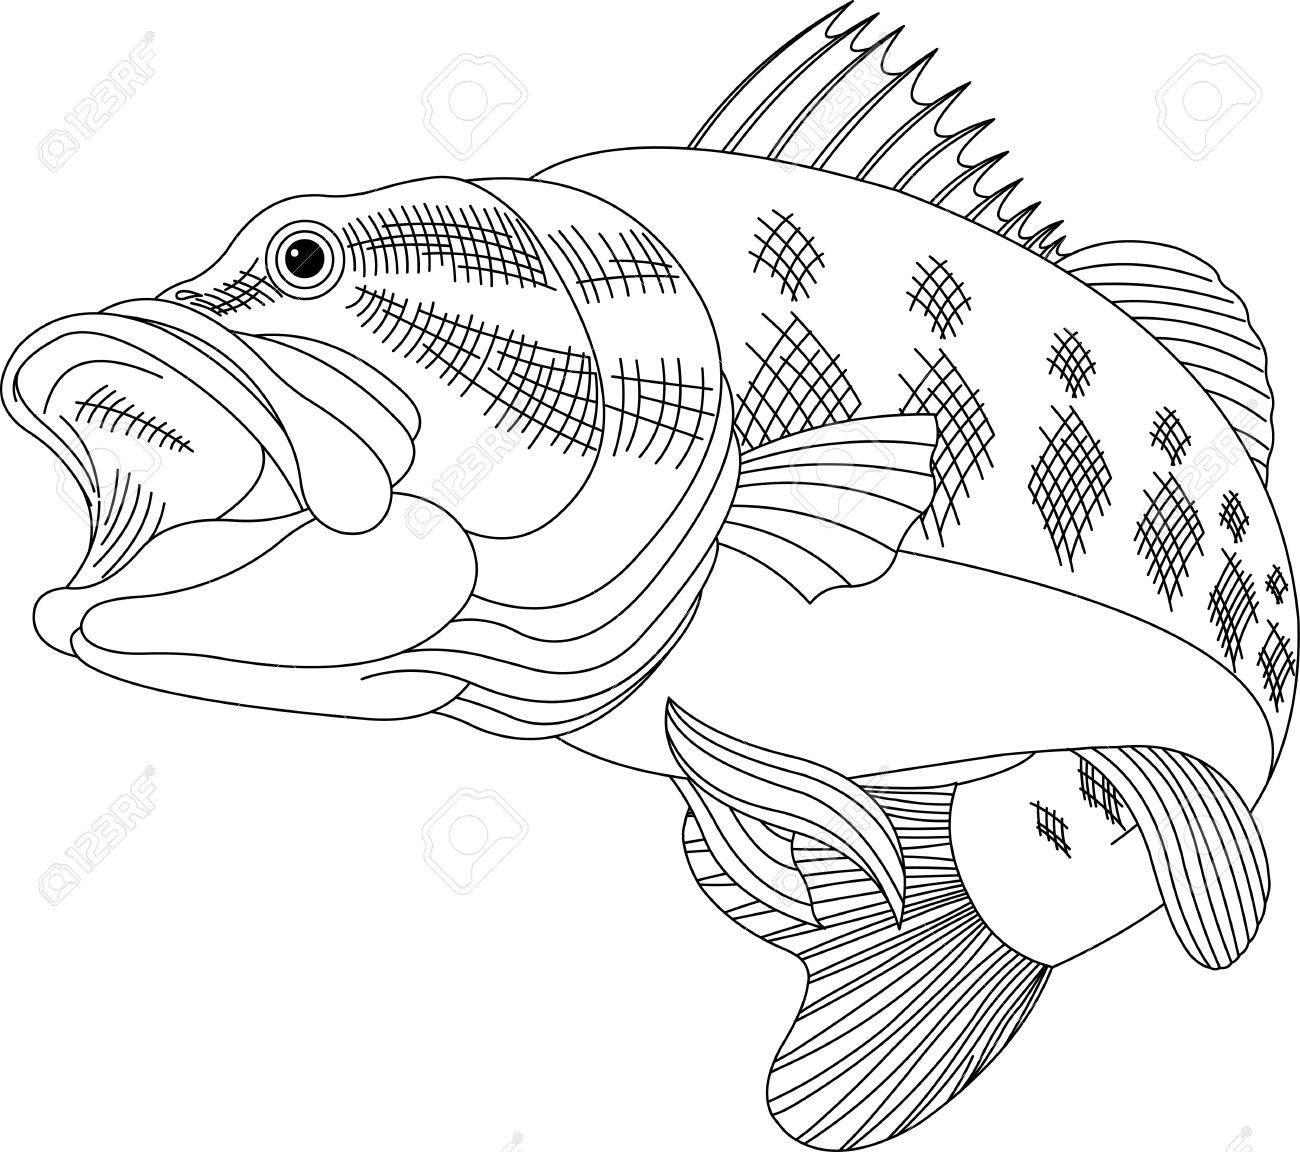 Schwarze Linie Illustration Für Ein Sprung Bass Lizenzfrei Nutzbare ...